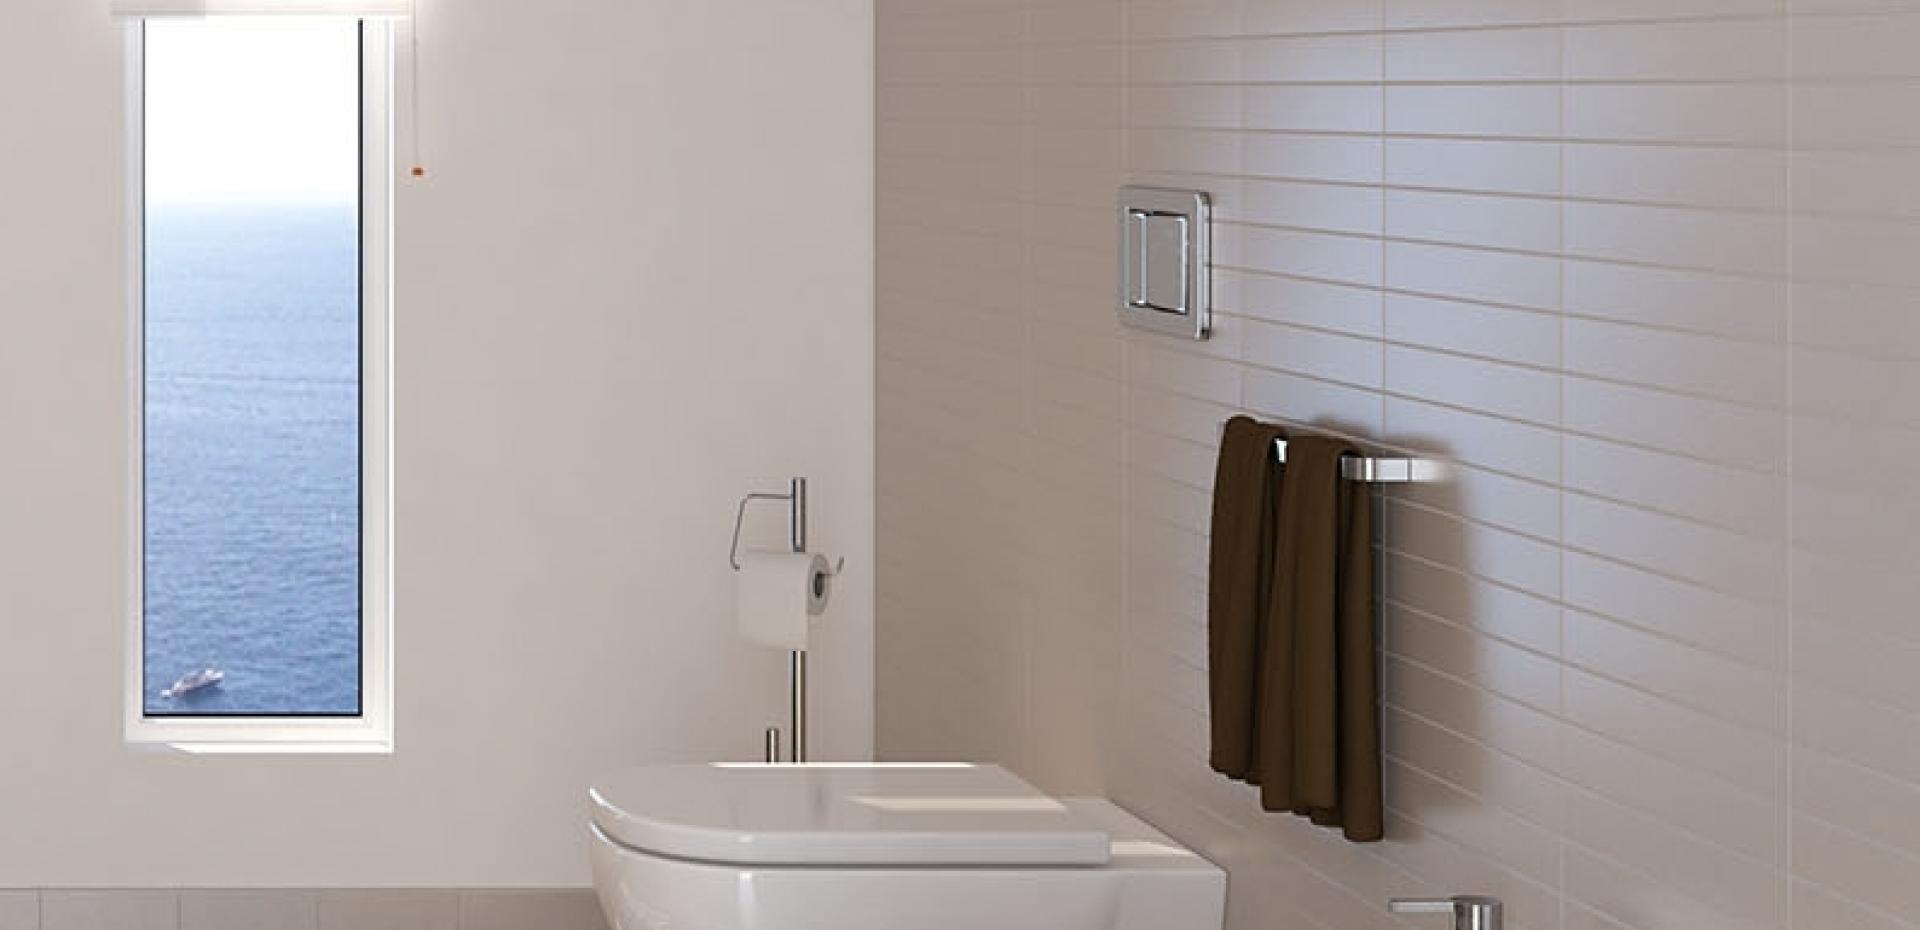 Piastrelle interni vogue system piastrelle per bagno e - Piastrelle grigie bagno ...